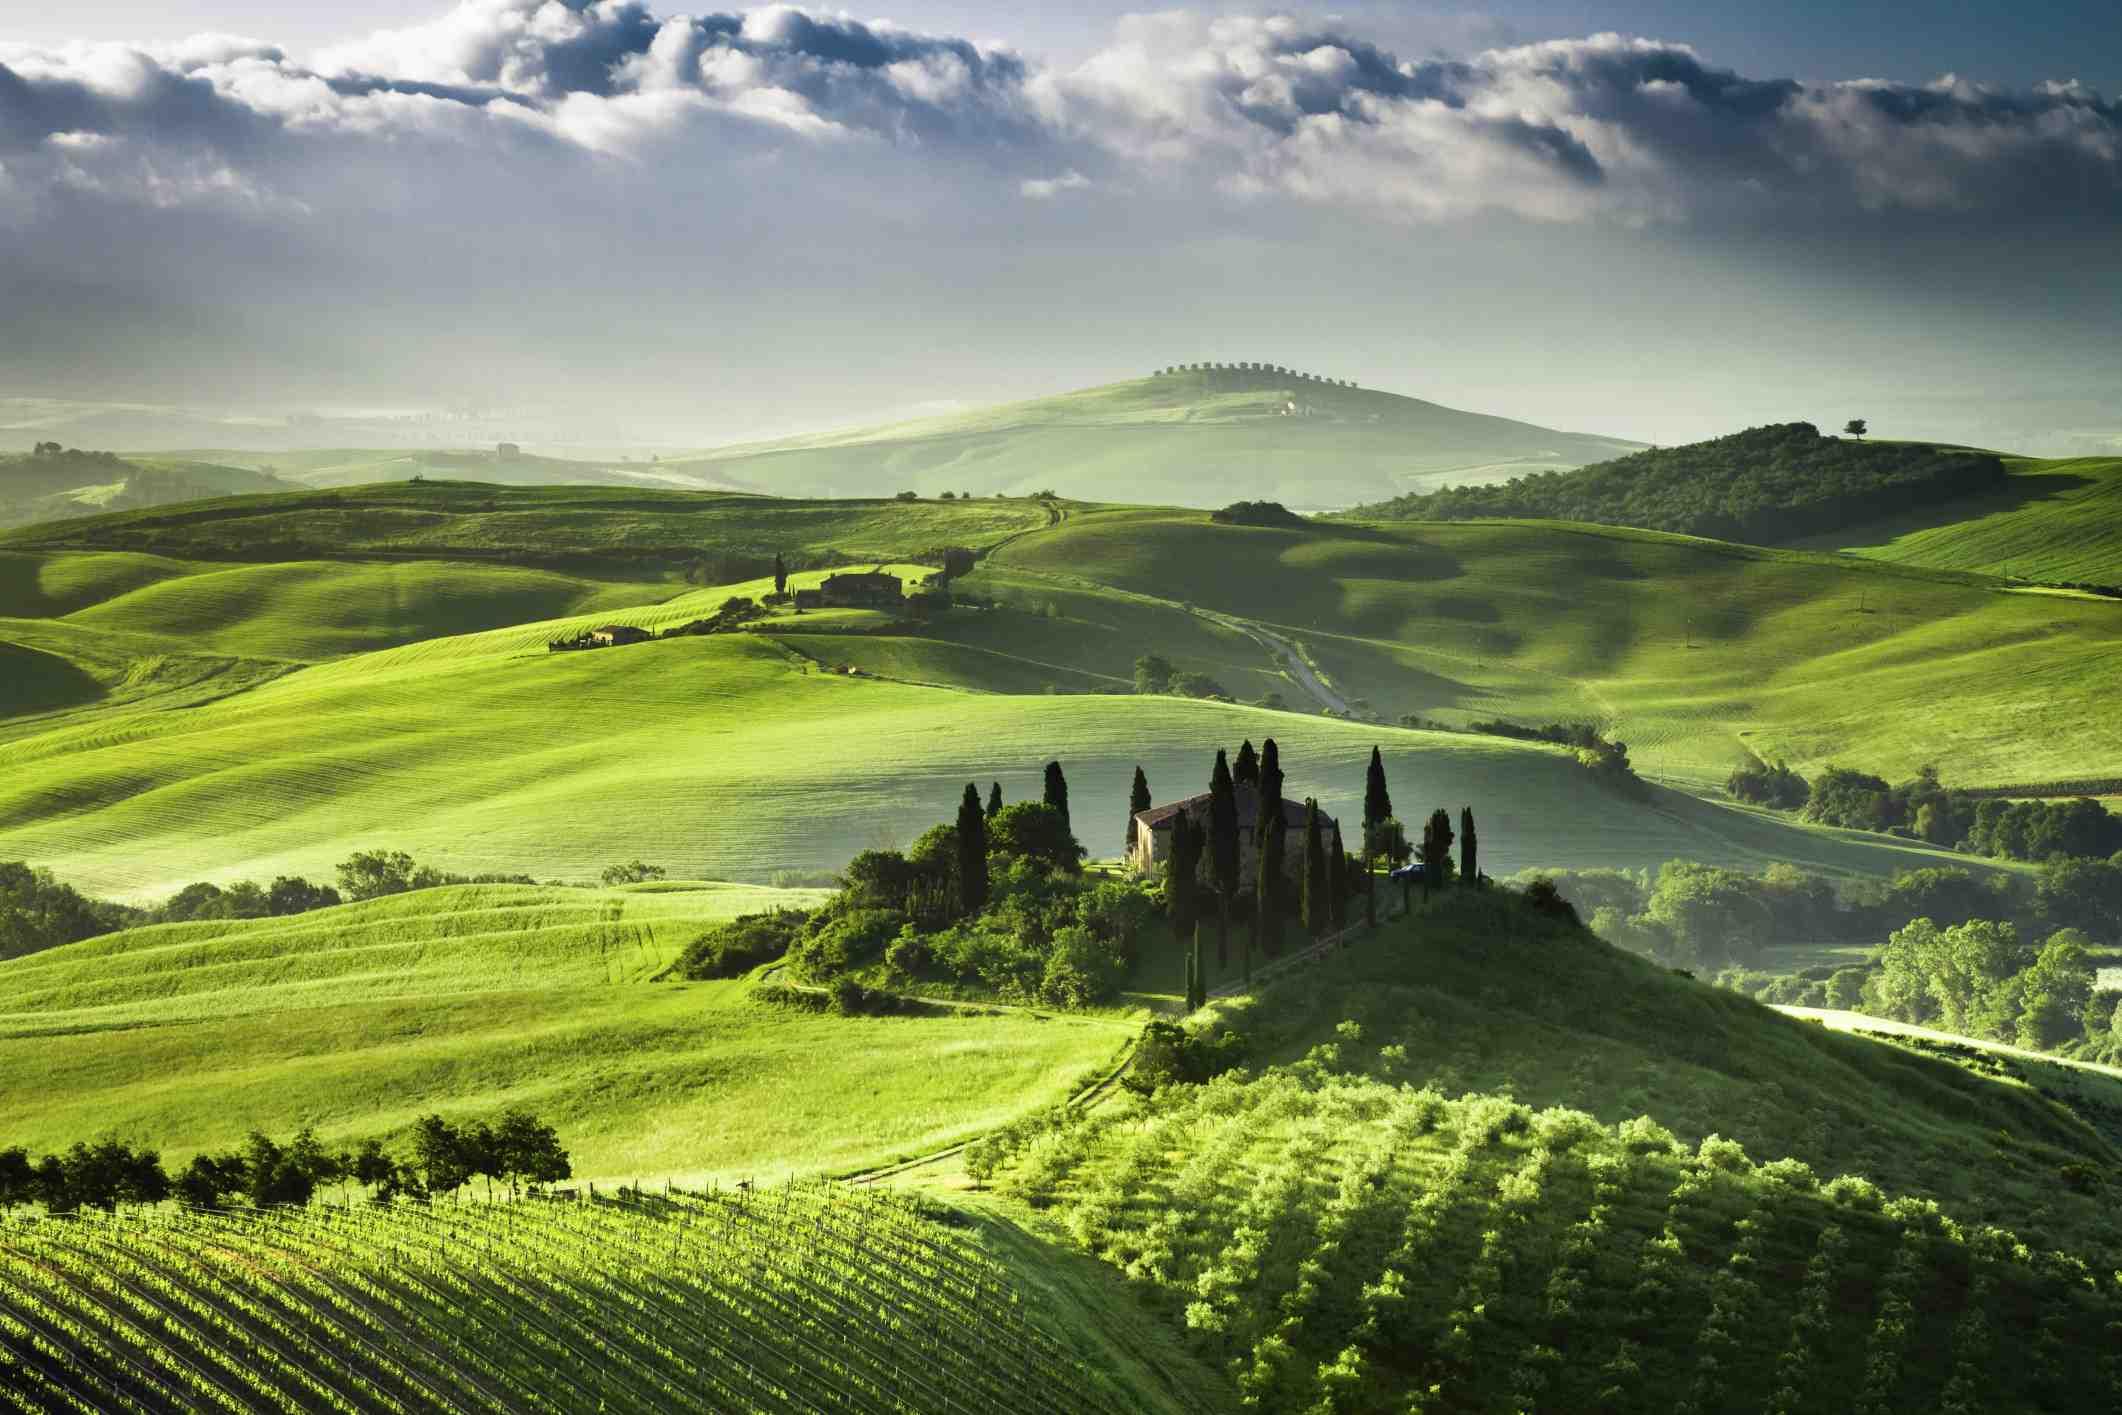 Quel est le paysage le plus impressionnant?